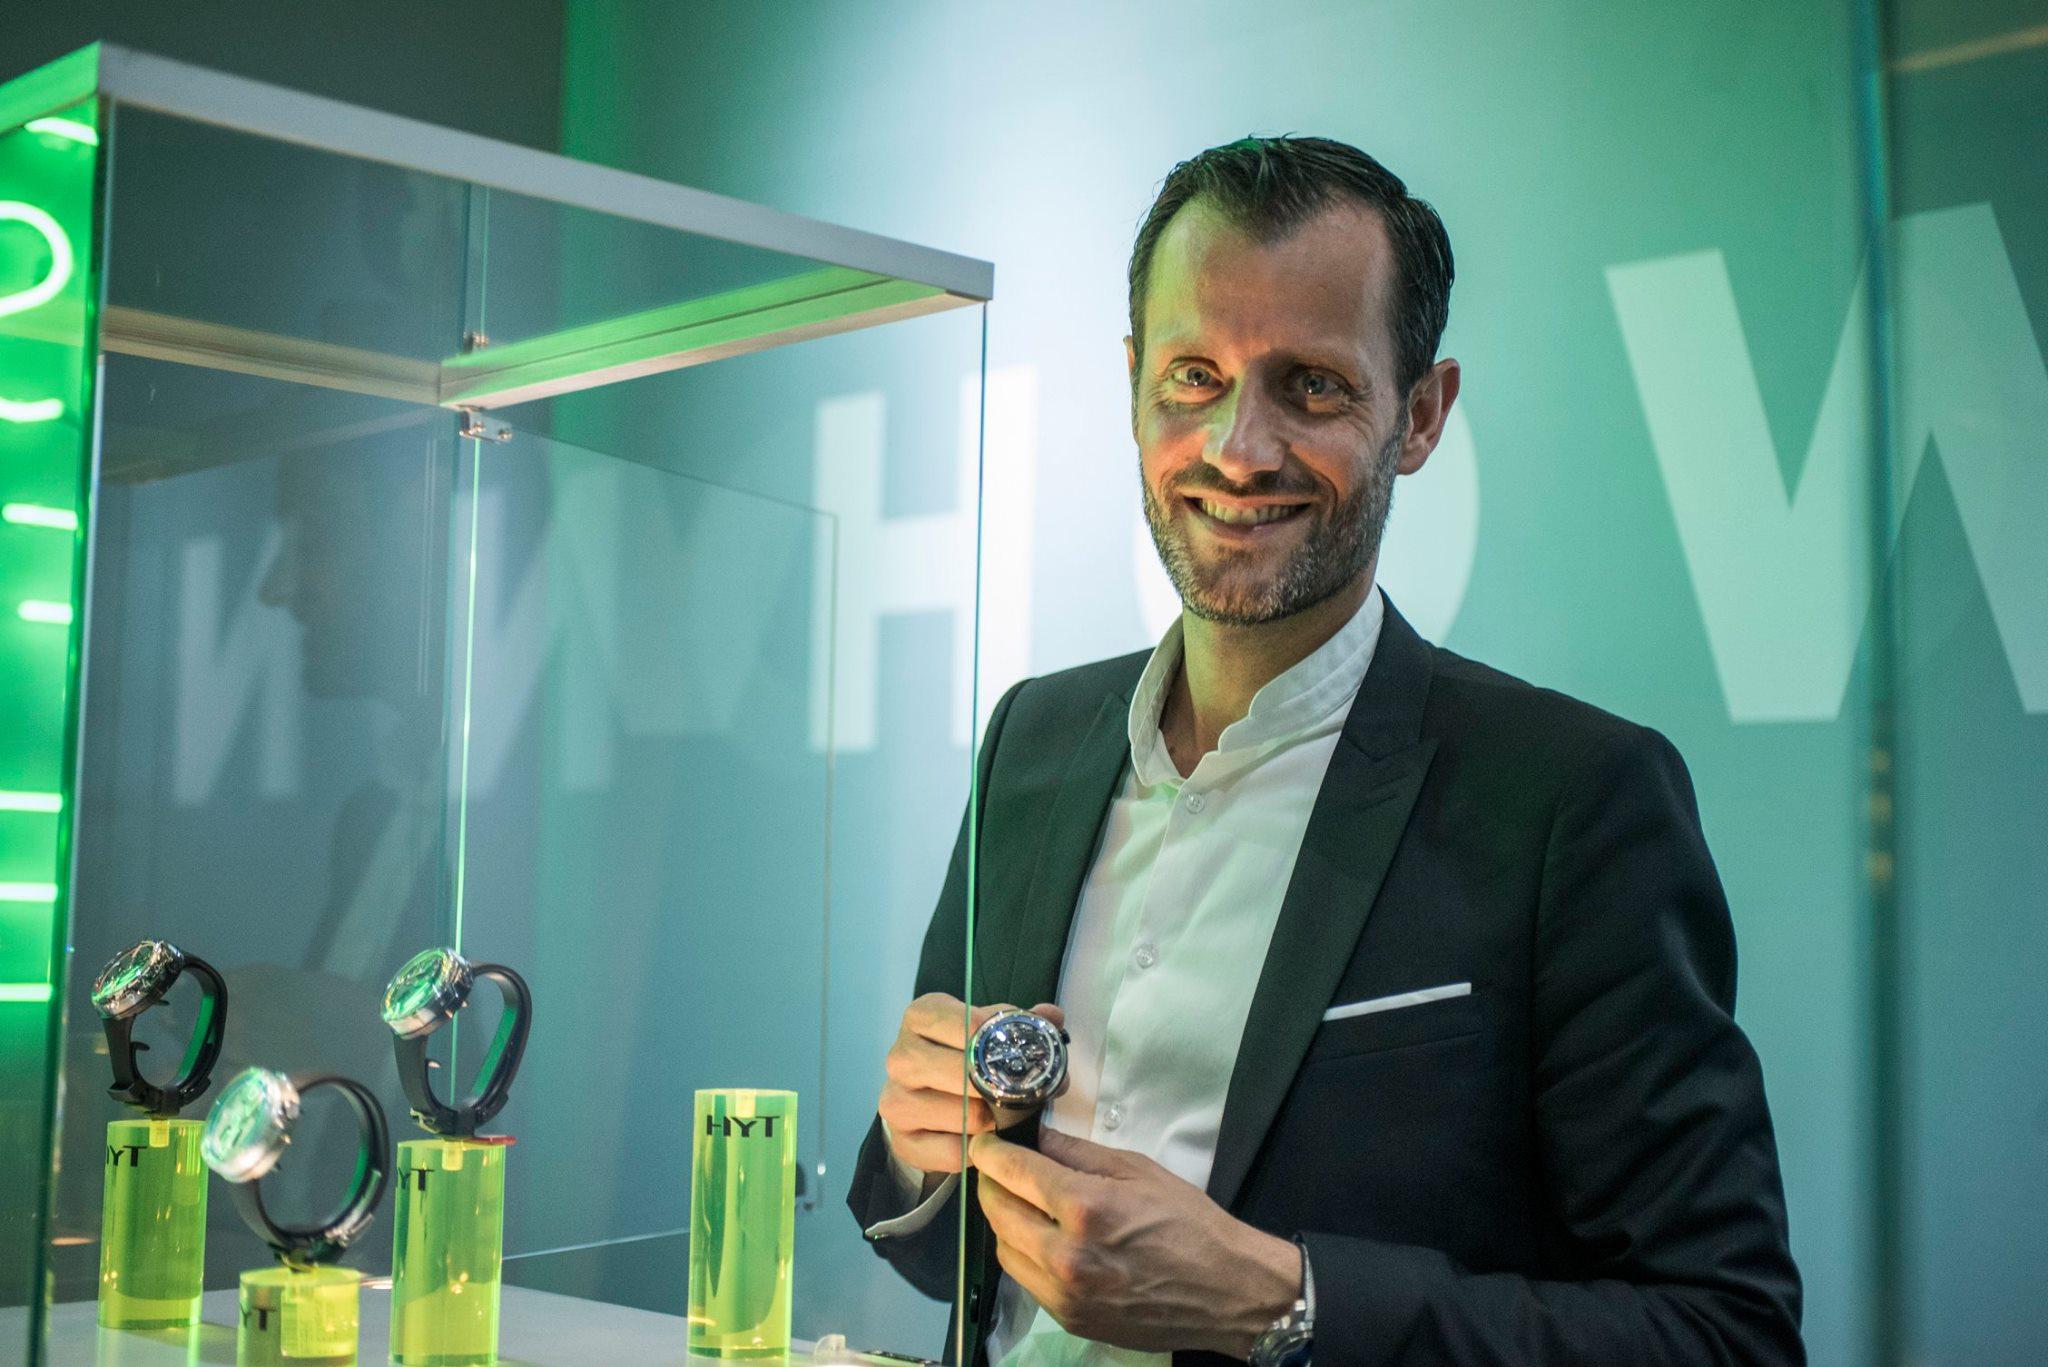 Entrevista con Gregory Dourde, CEO HYT